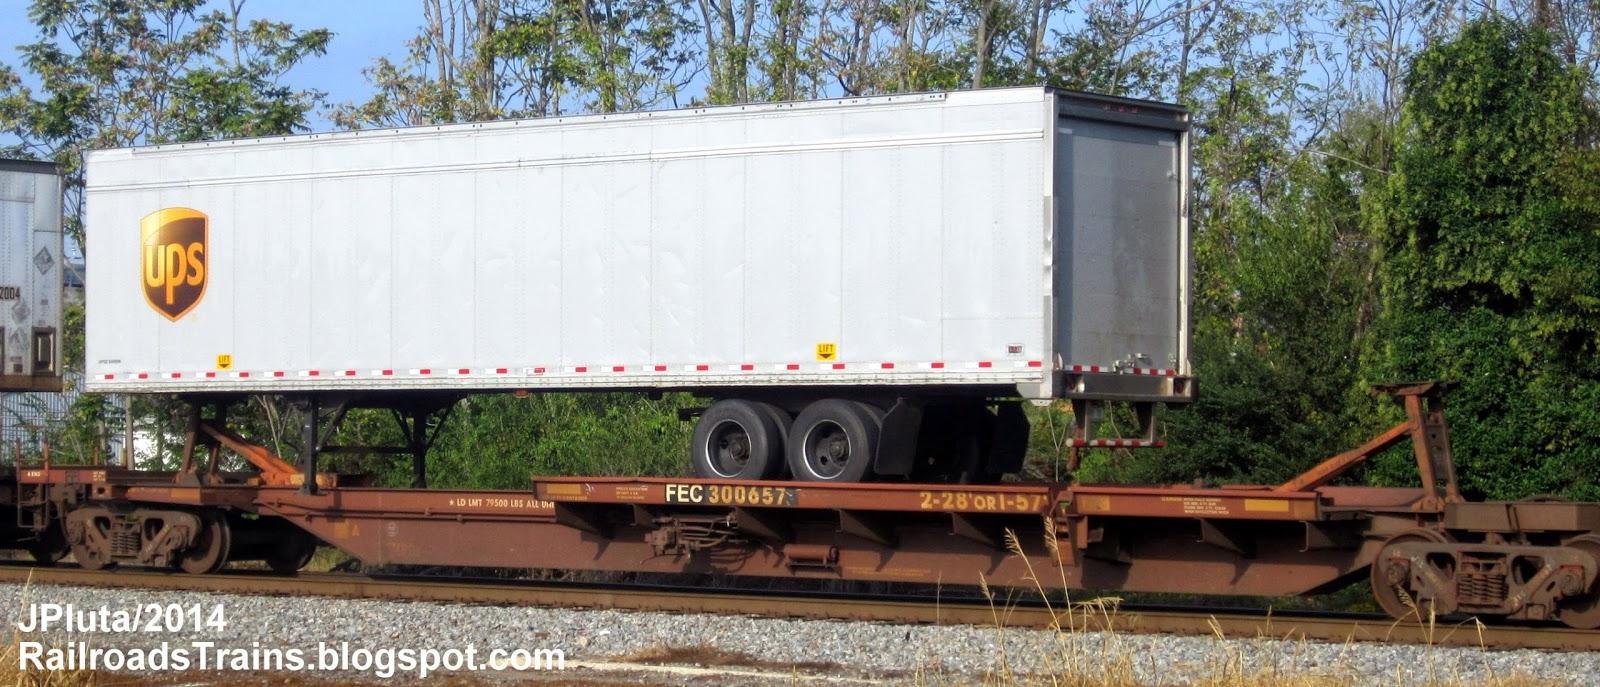 RAILROAD Freight Train Locomotive Engine EMD GE Boxcar BNSF,CSX,FEC ...